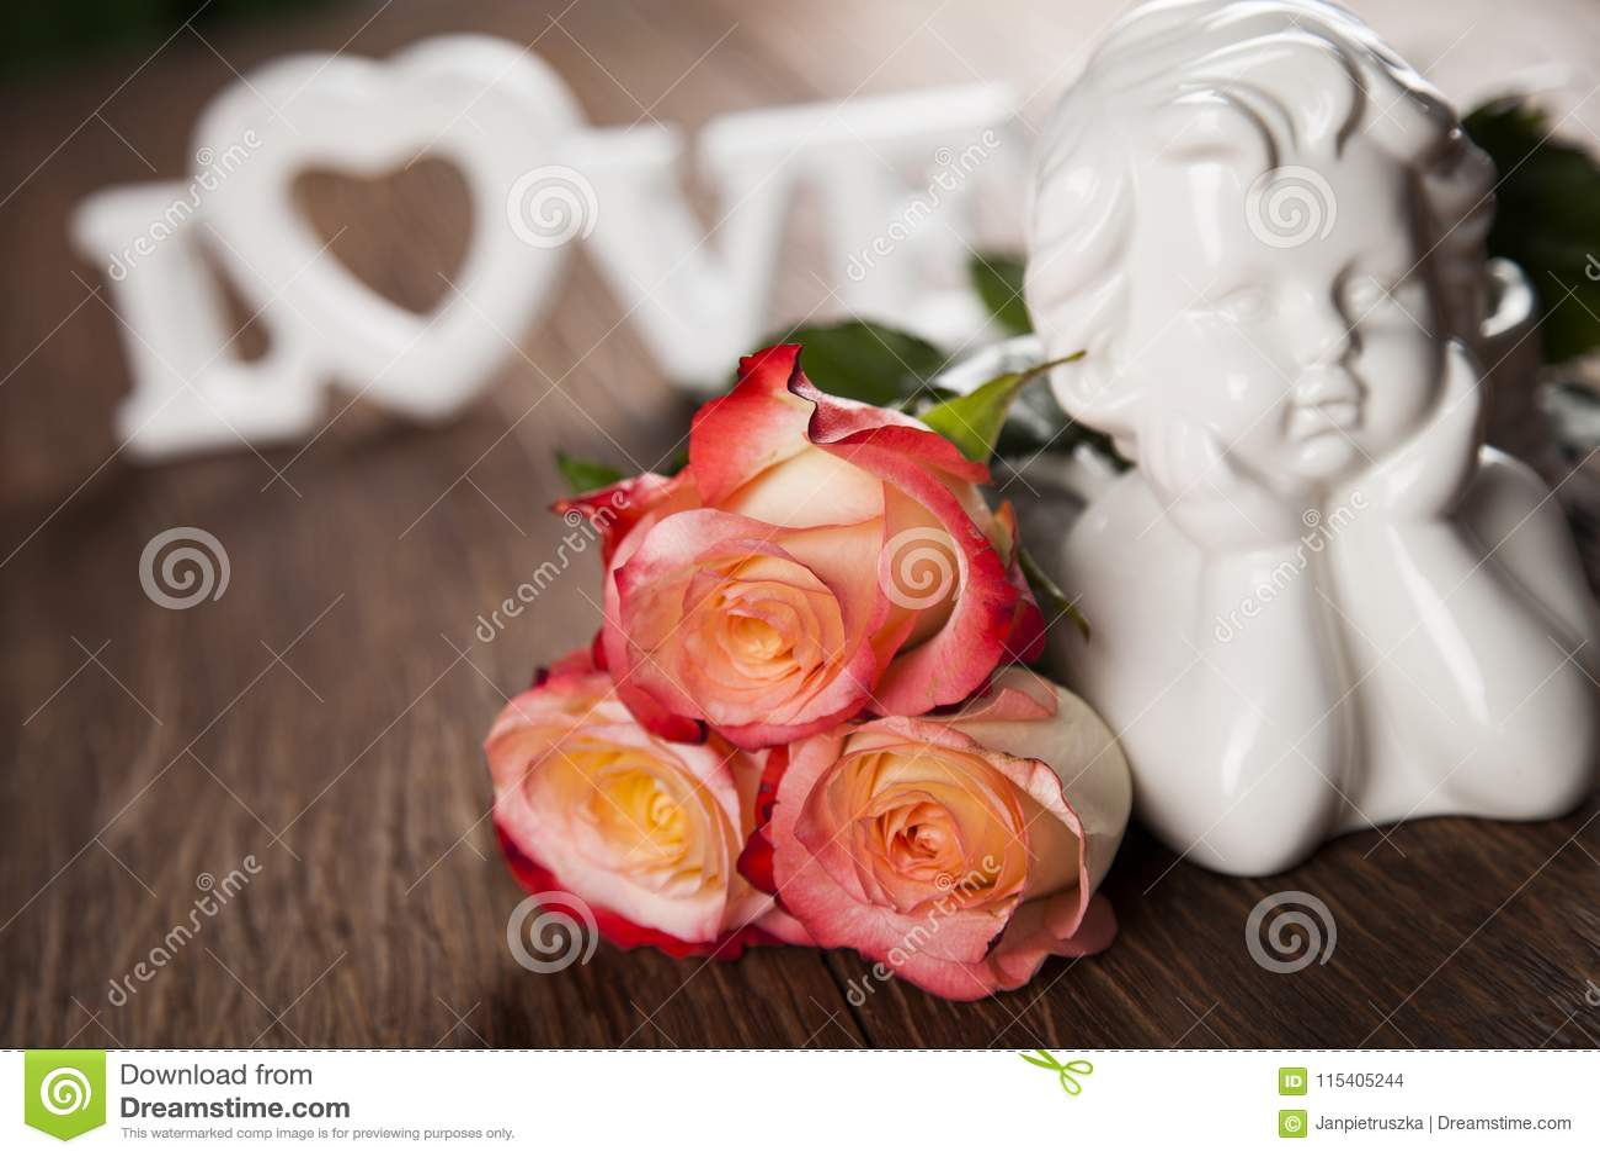 Άγγελος, ημέρα του ευτυχούς βαλεντίνου, υπόβαθρο καθρεφτών